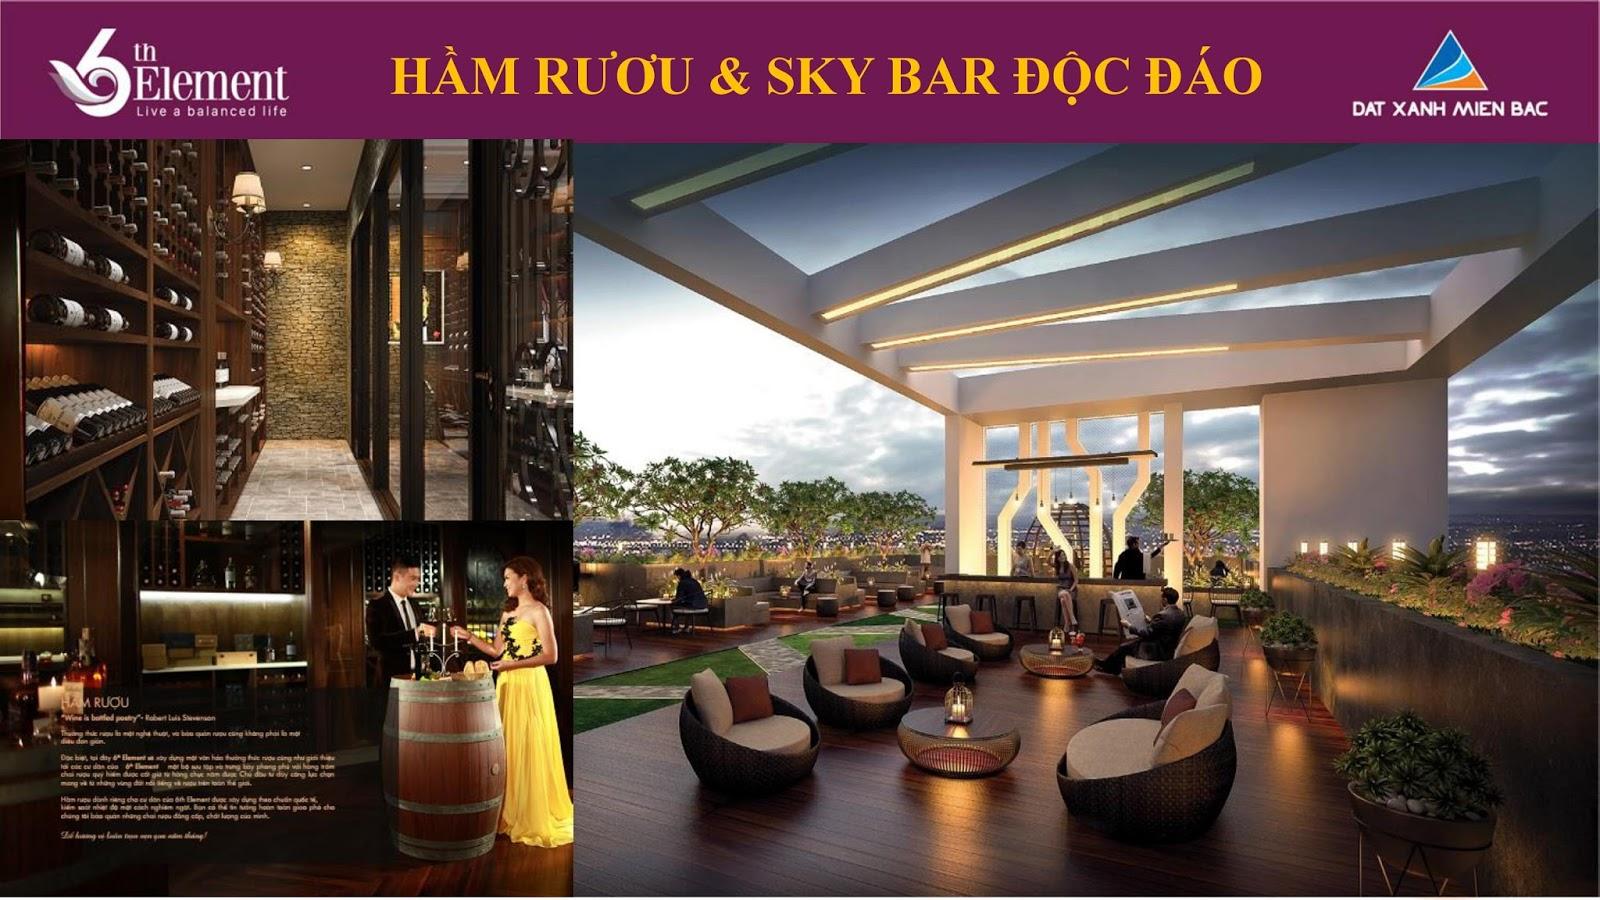 Hầm rượu và Sky Bar độc đáo